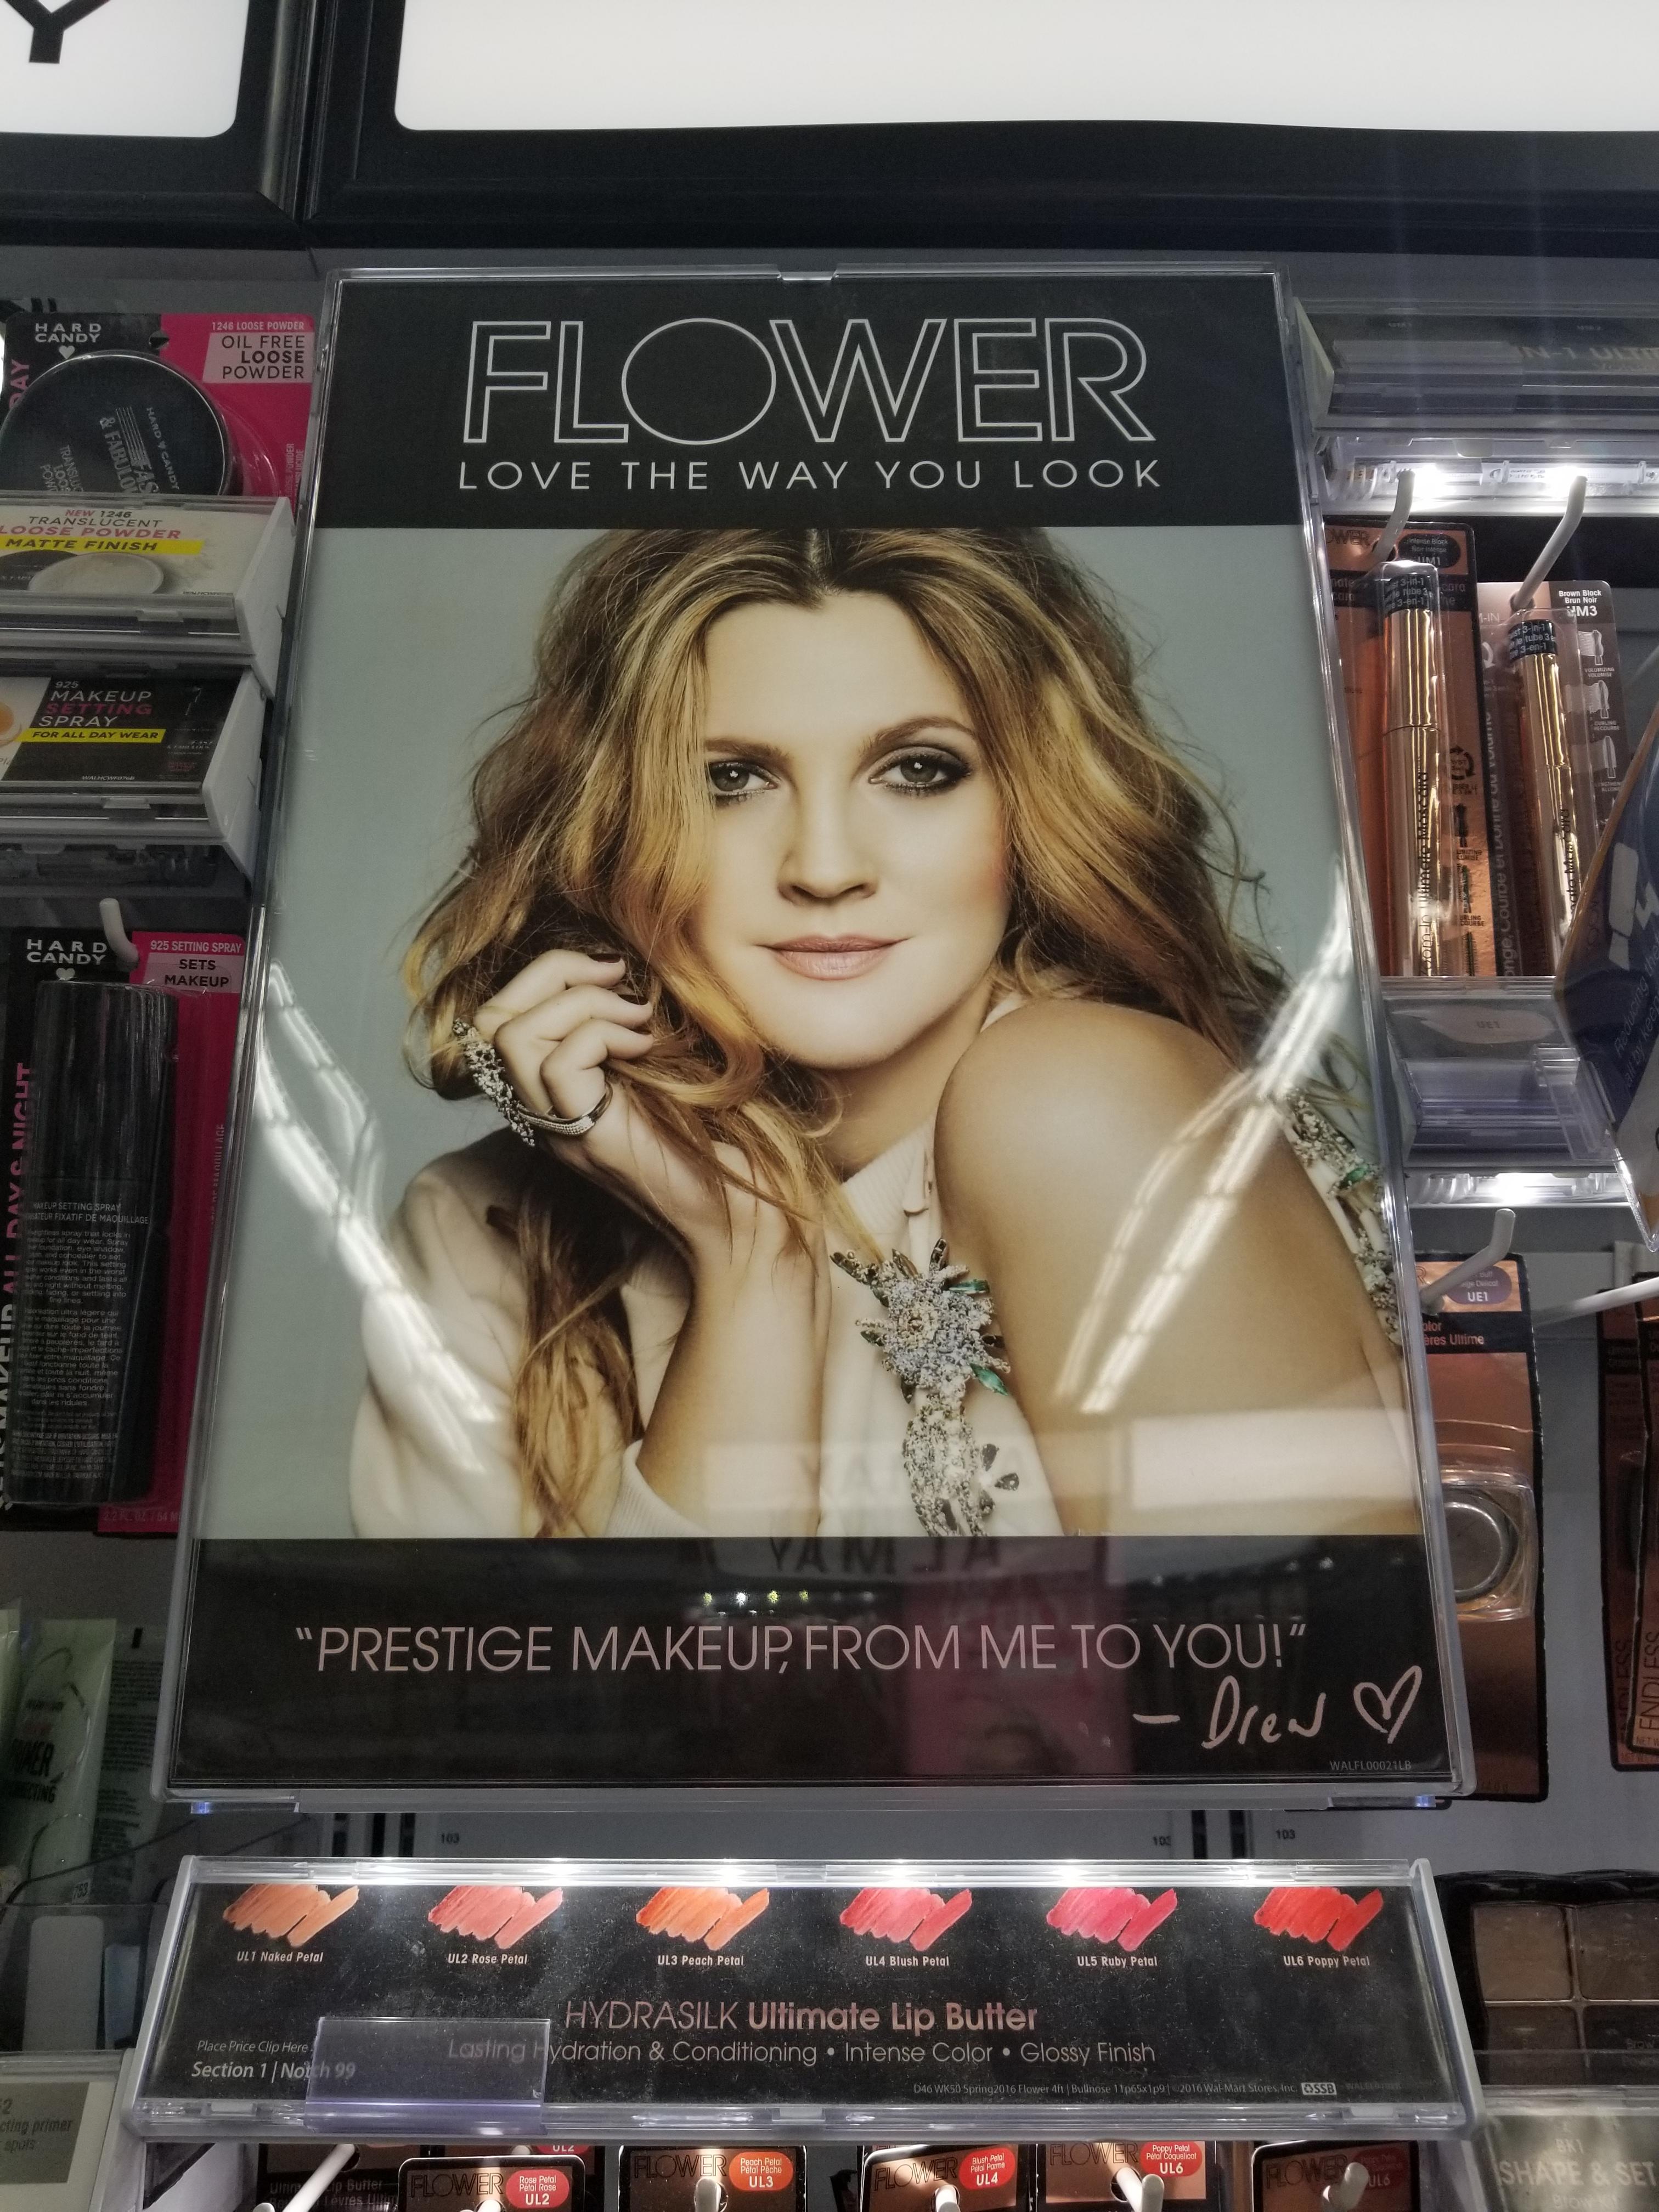 Flower Beauty, cruelty-free, makeup, skin care, Drew Barrymore